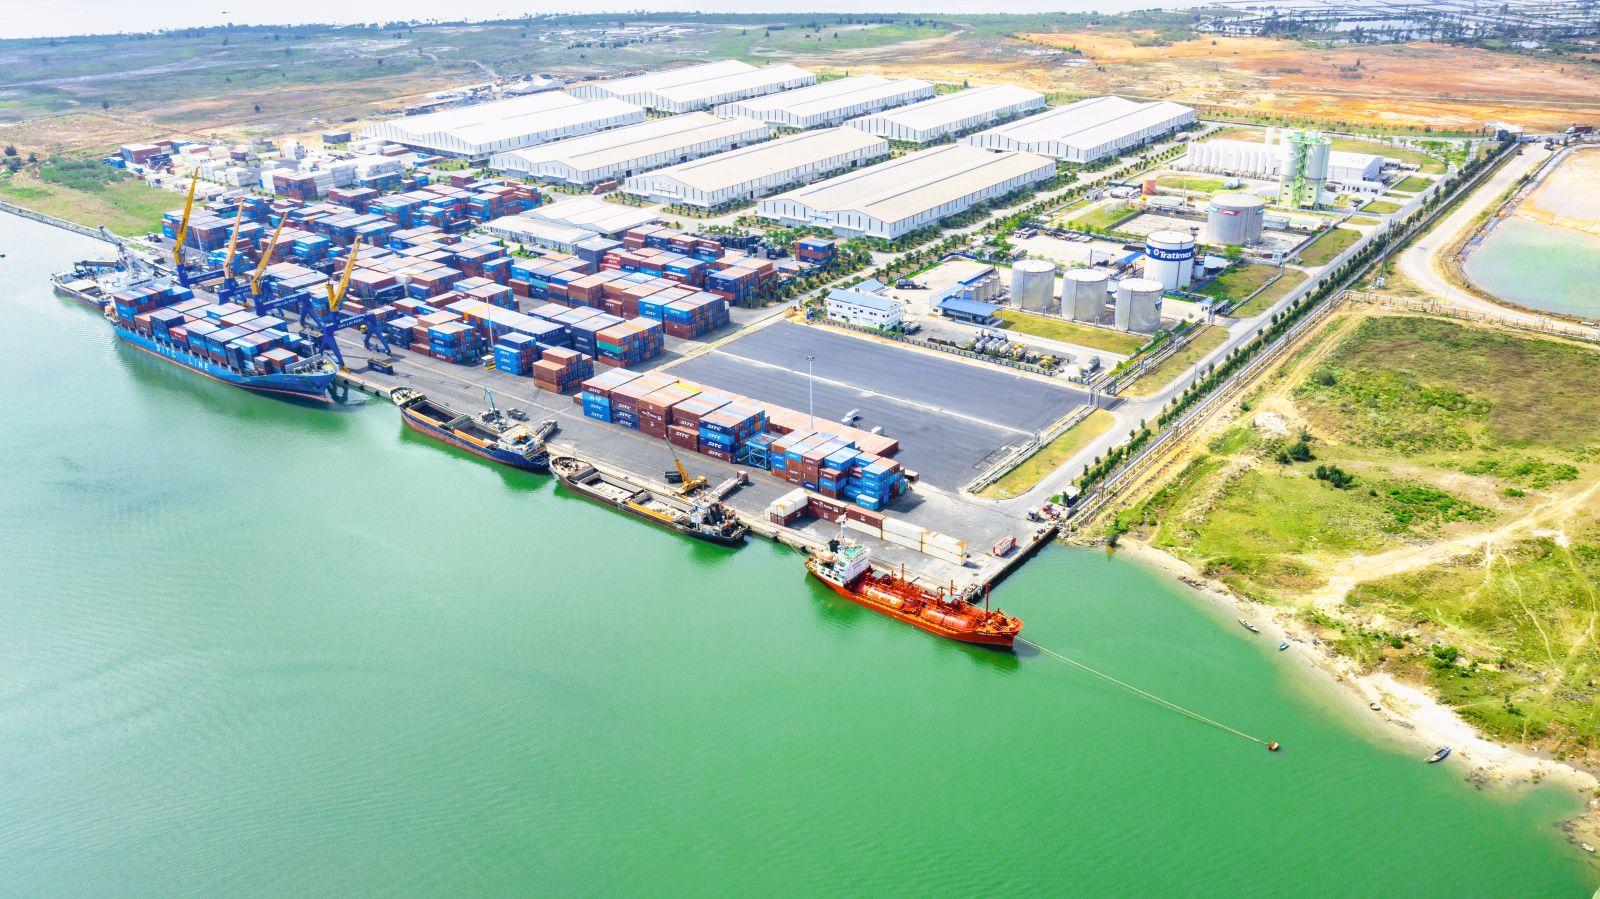 Bãi cảng được mở rộng có diện tích 13.104 m2 về phía thượng lưu.